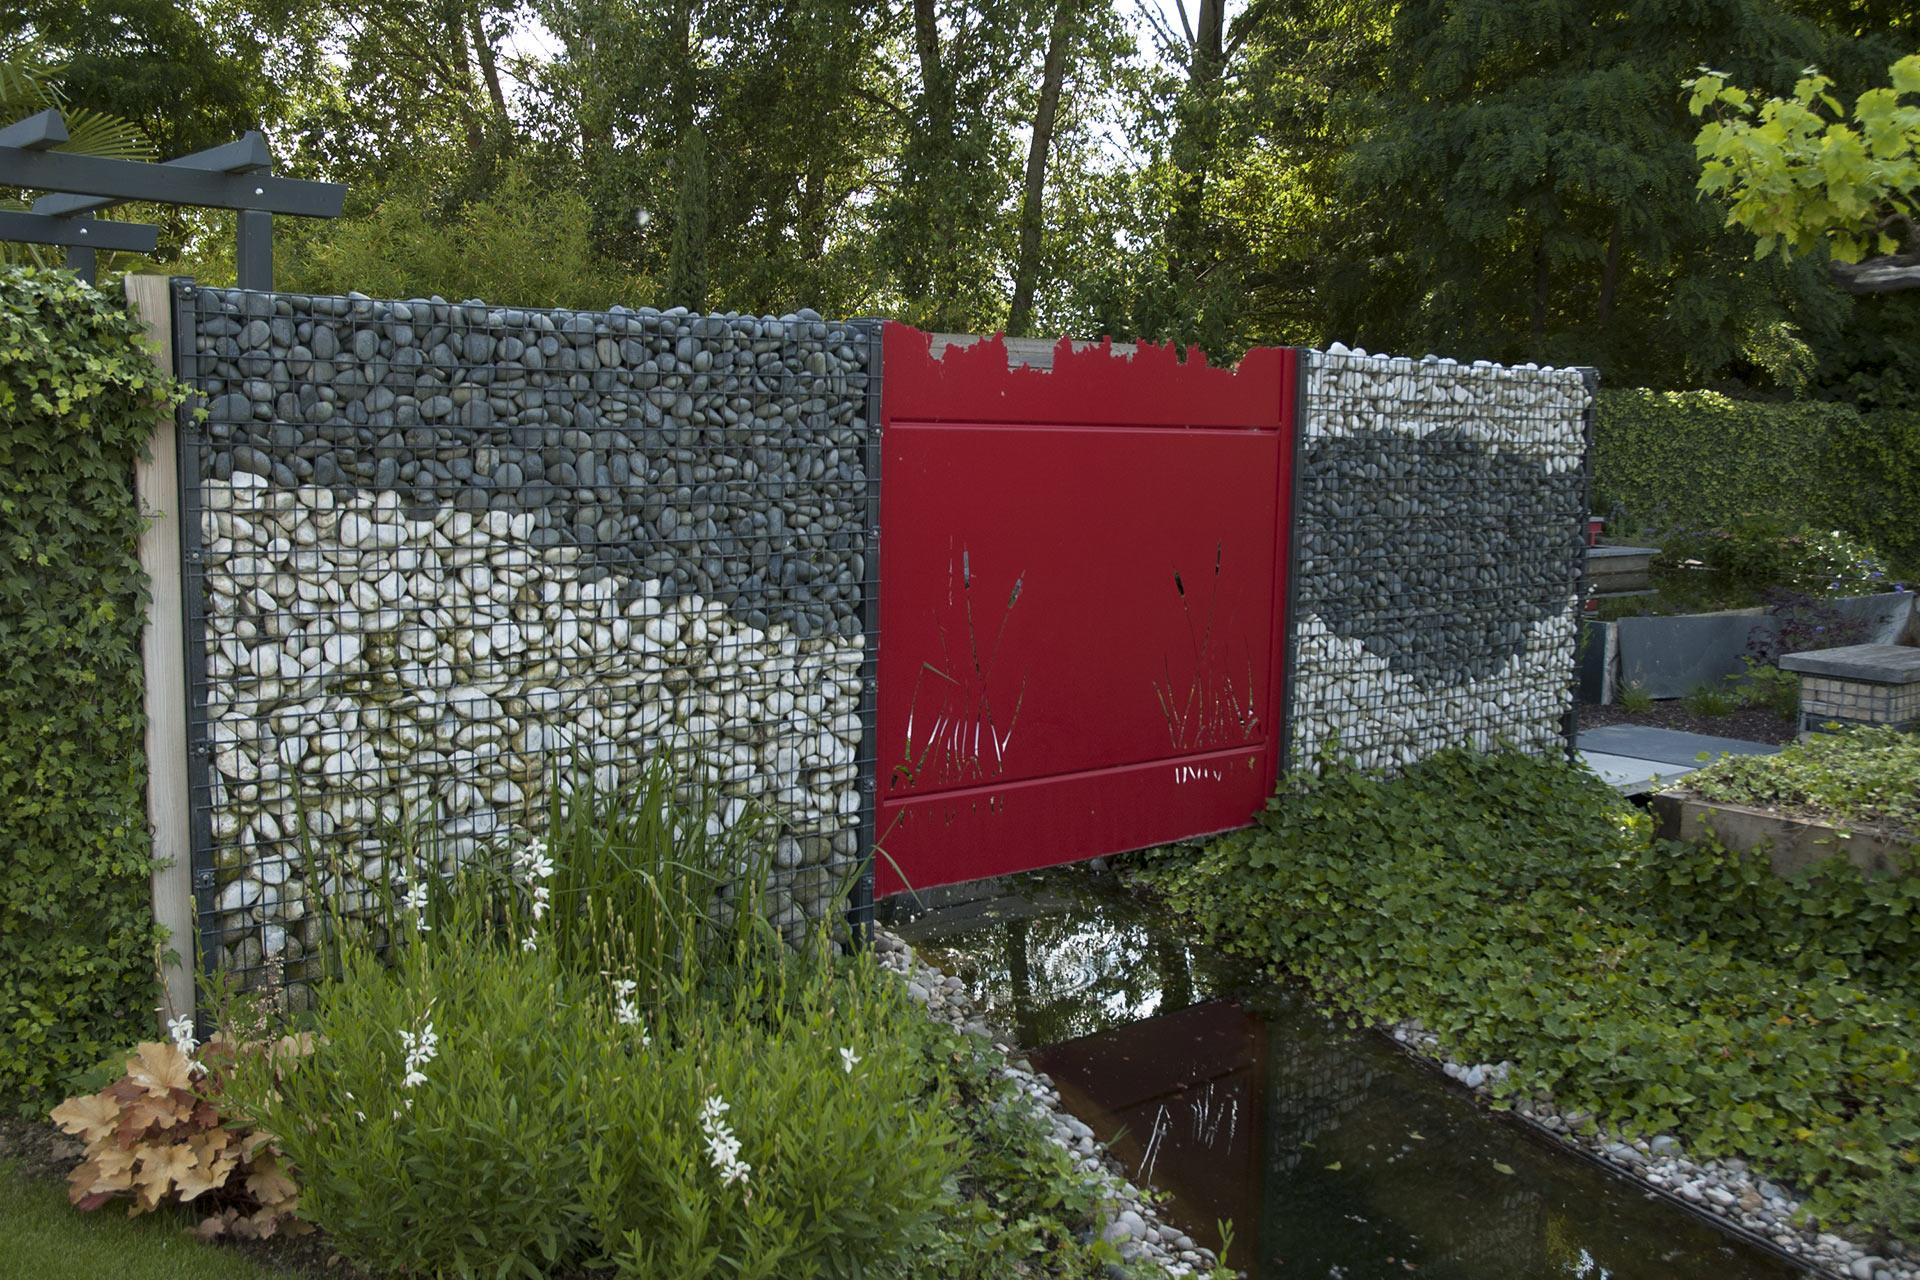 Entreprise de paysage, Serrault Jardins crée des jardins sur mesure.